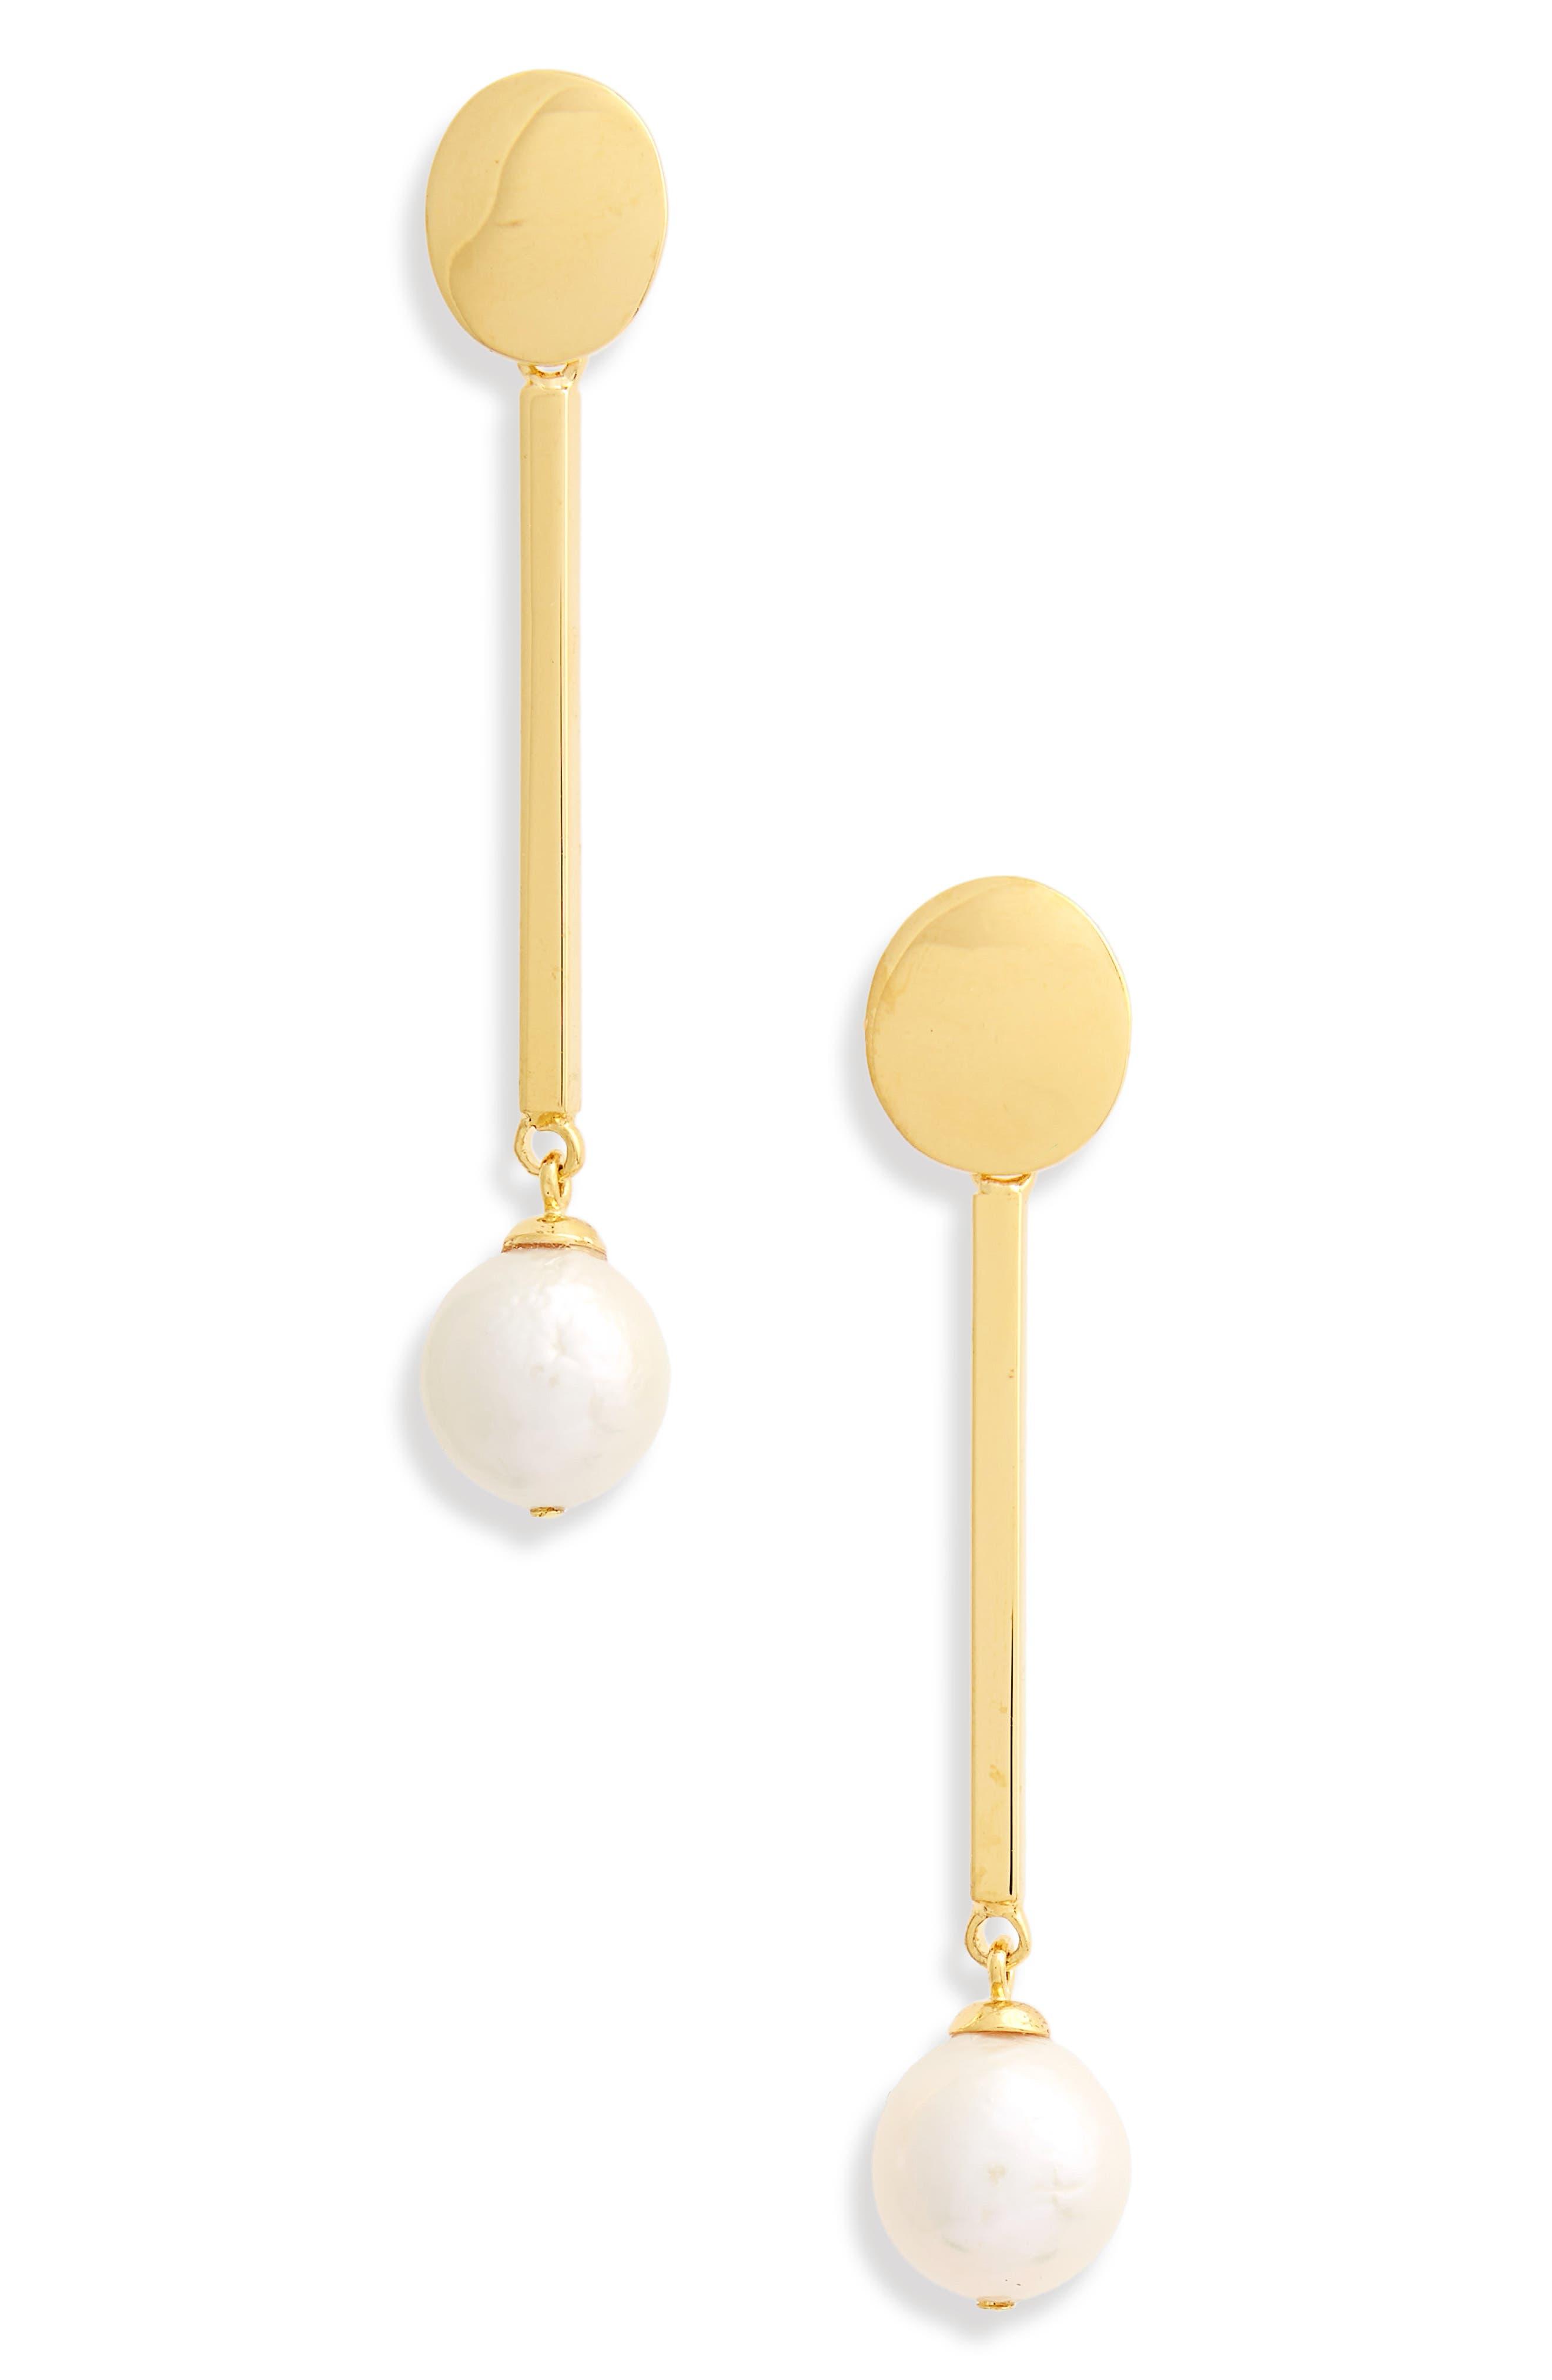 Moonbeam Pearl Earrings,                             Main thumbnail 1, color,                             710